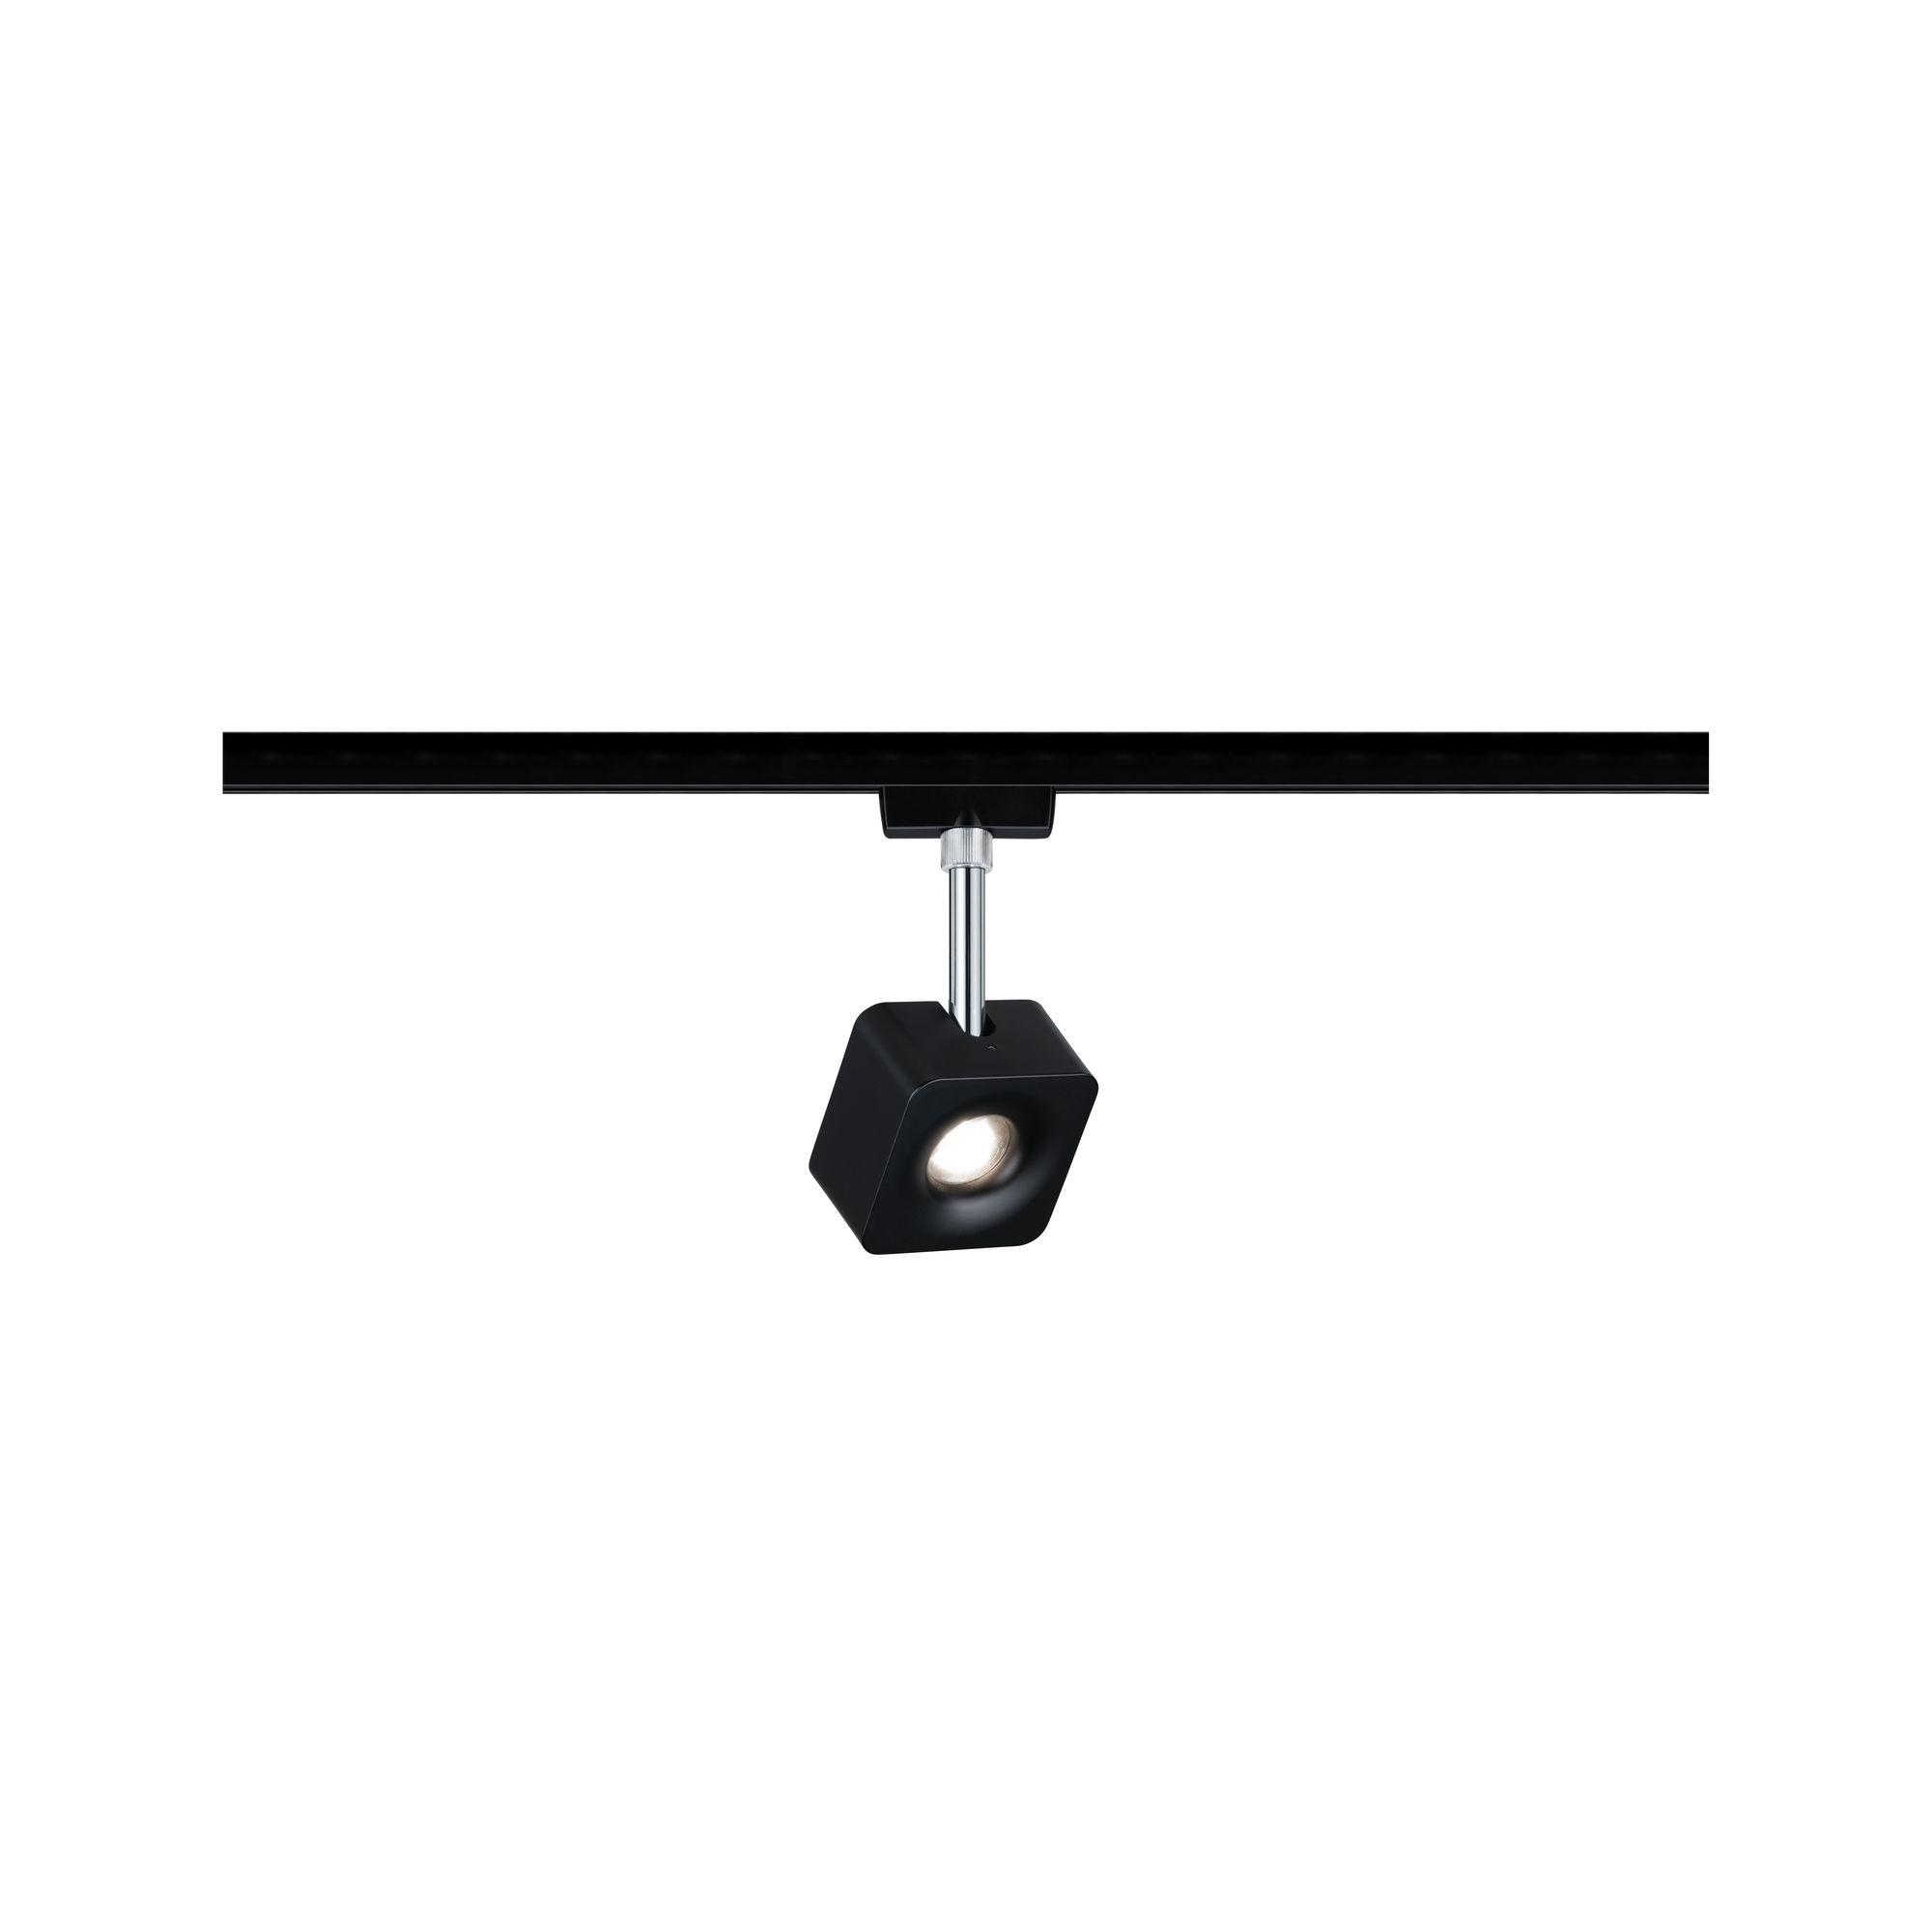 Paulmann URail Spot Cube 1x8W schwarz matt/chrom 230V Metall 4000K dimmbar